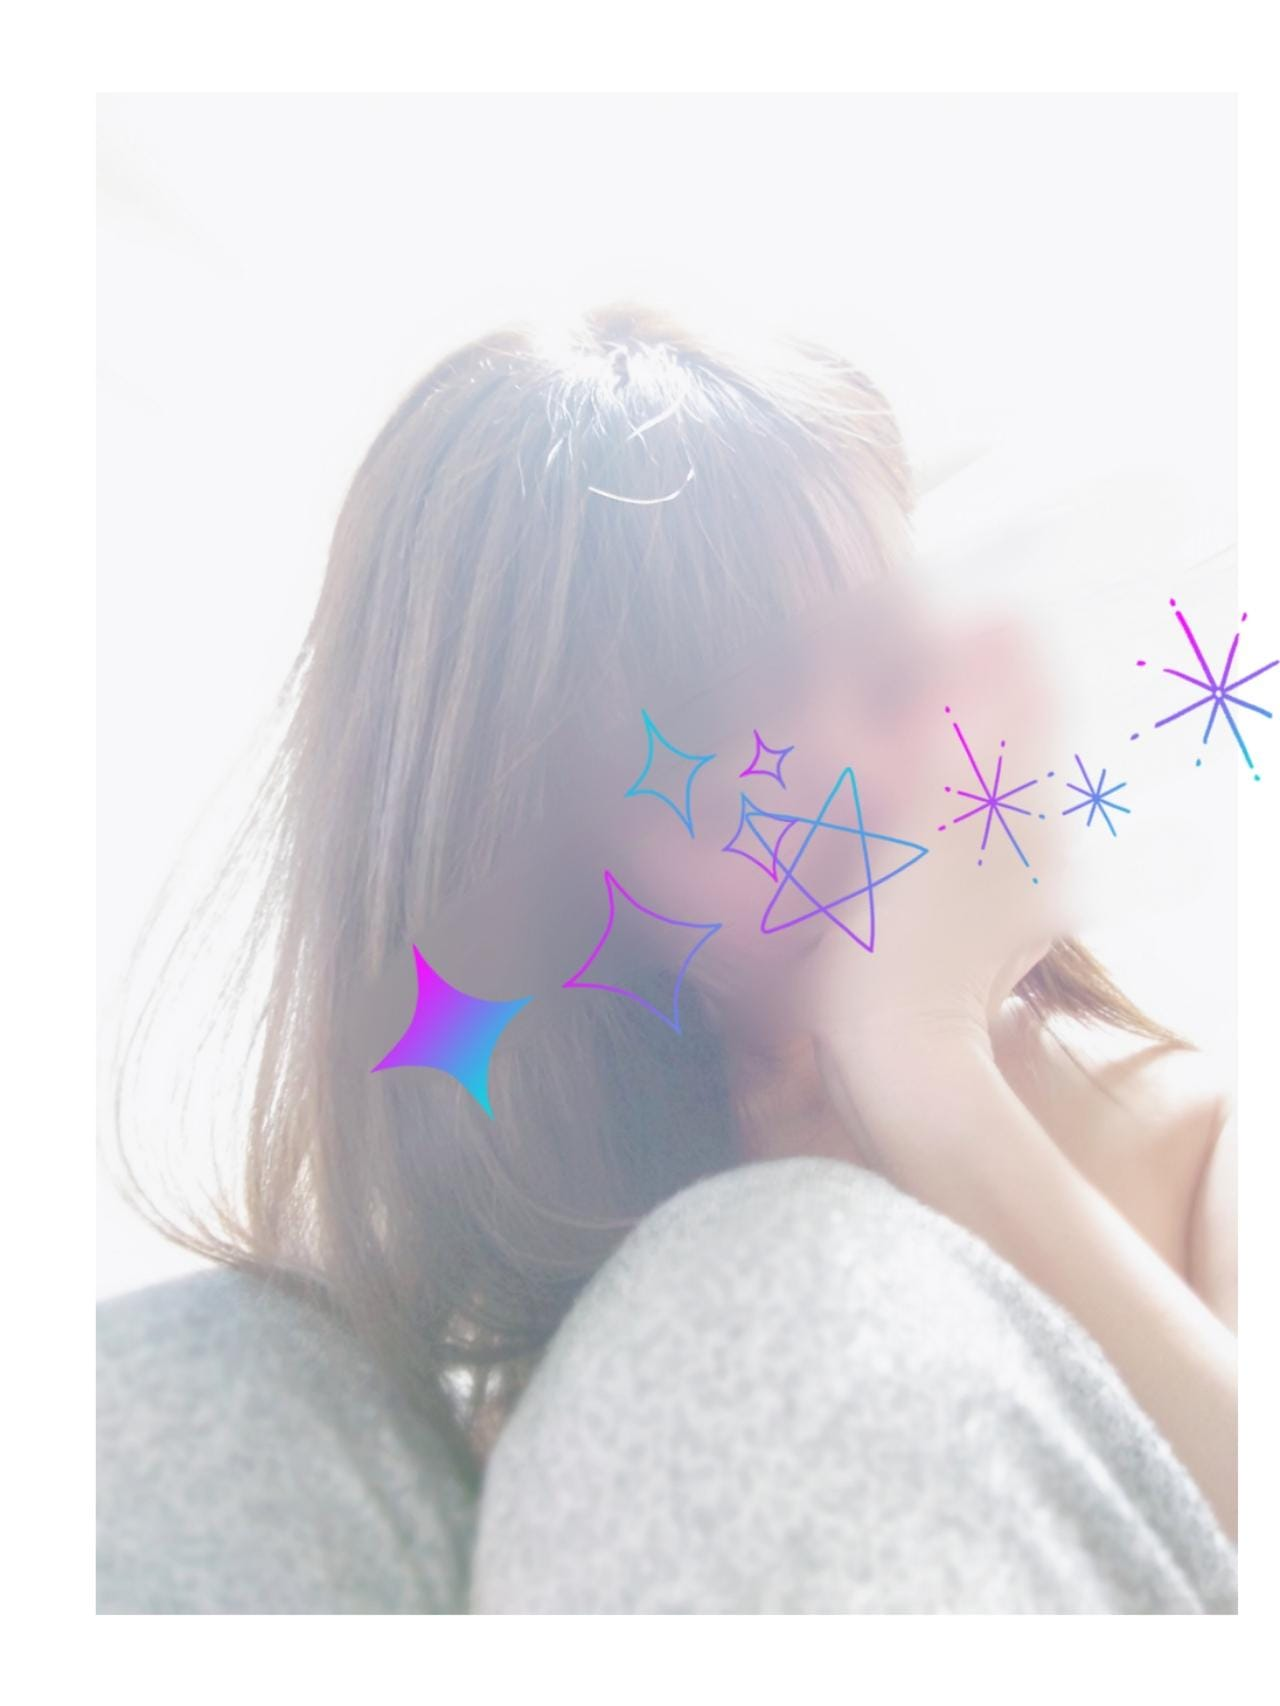 「こんにちは」04/17(土) 11:50 | サラの写メ・風俗動画